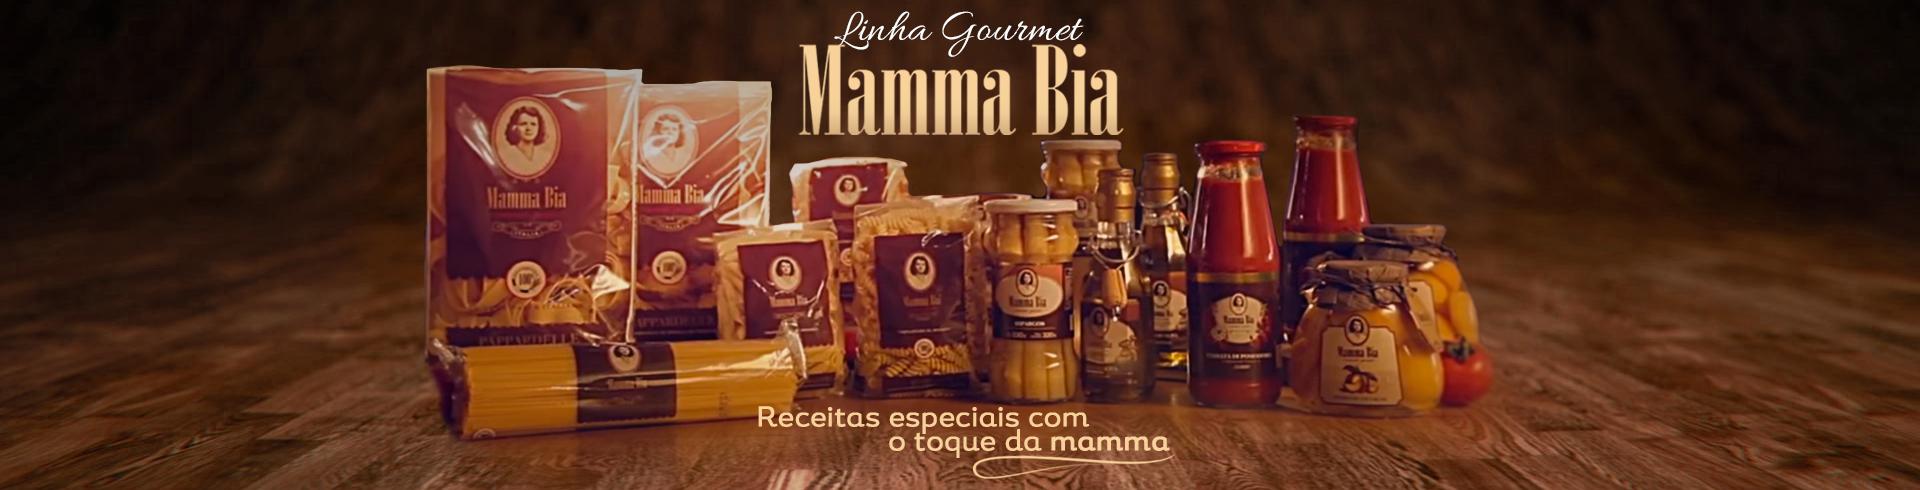 Mamma Bia